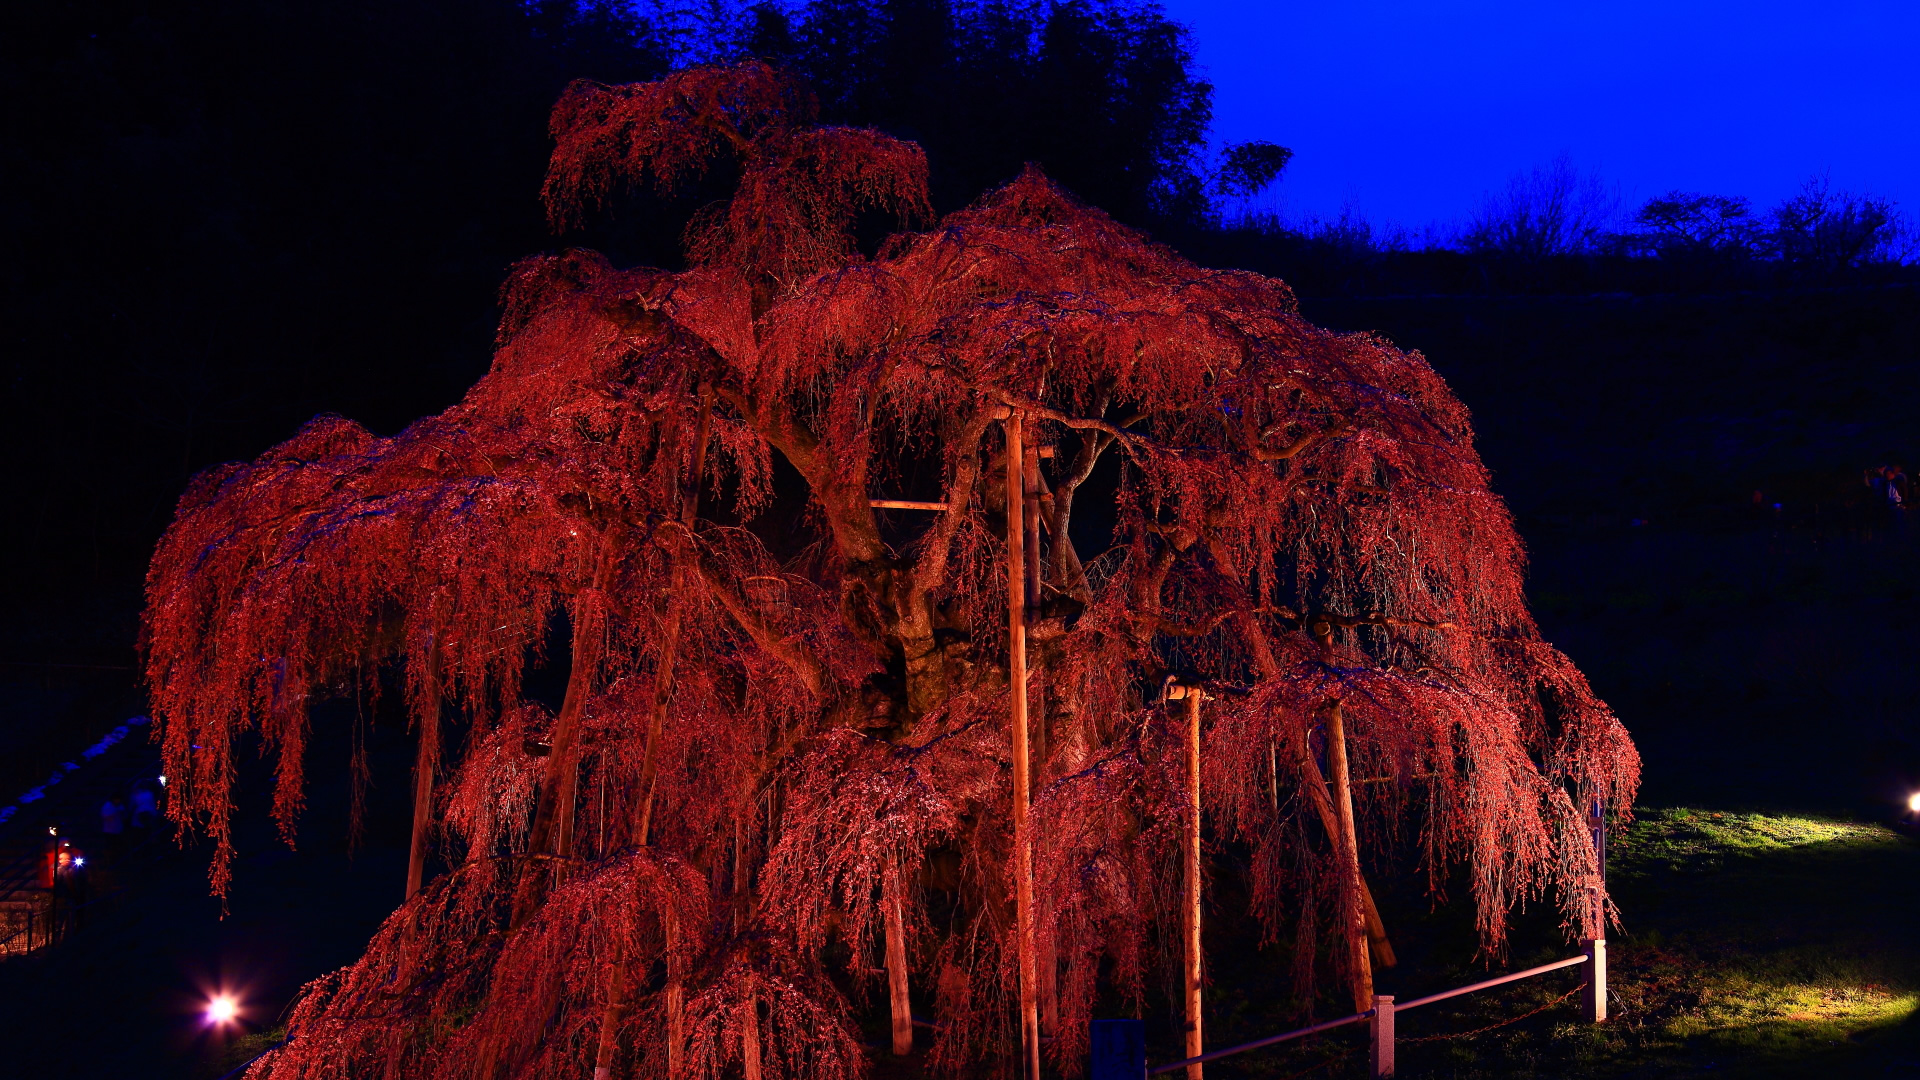 三春滝桜ライトアップ1920x1080サイズ 左クリックで三春滝桜ライト...  壁紙サイズ T